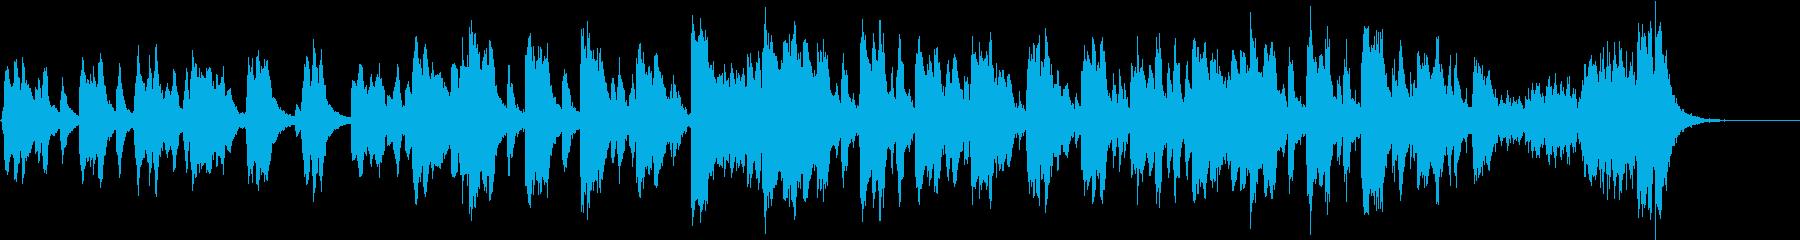 バイオリンとピアノのコミカルなワルツの再生済みの波形